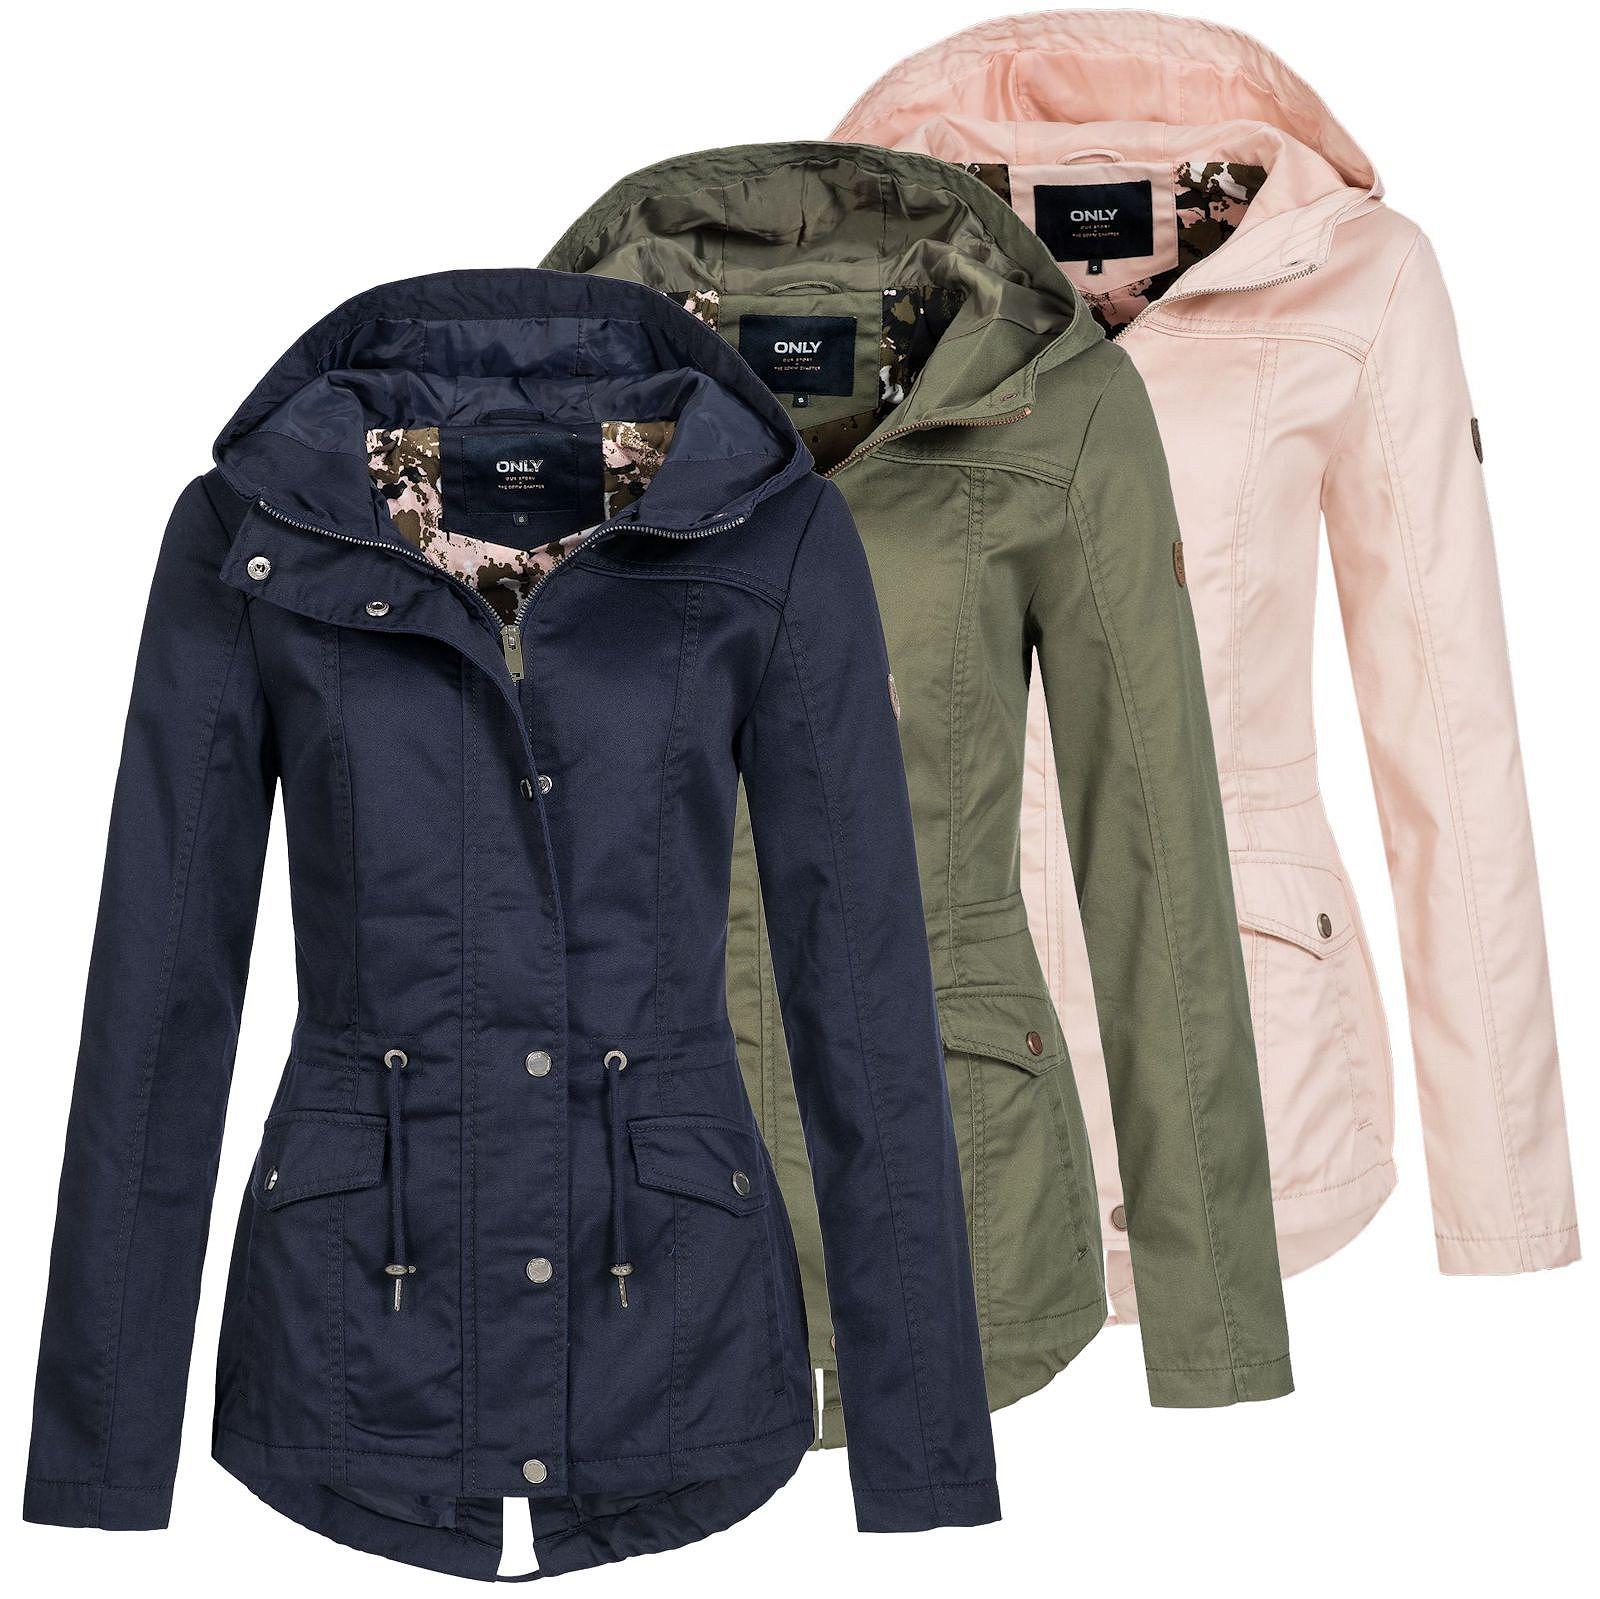 94c4af79697c Only Damen Parka Kate Übergangsjacke Frauen kurz Mantel Jacket ...